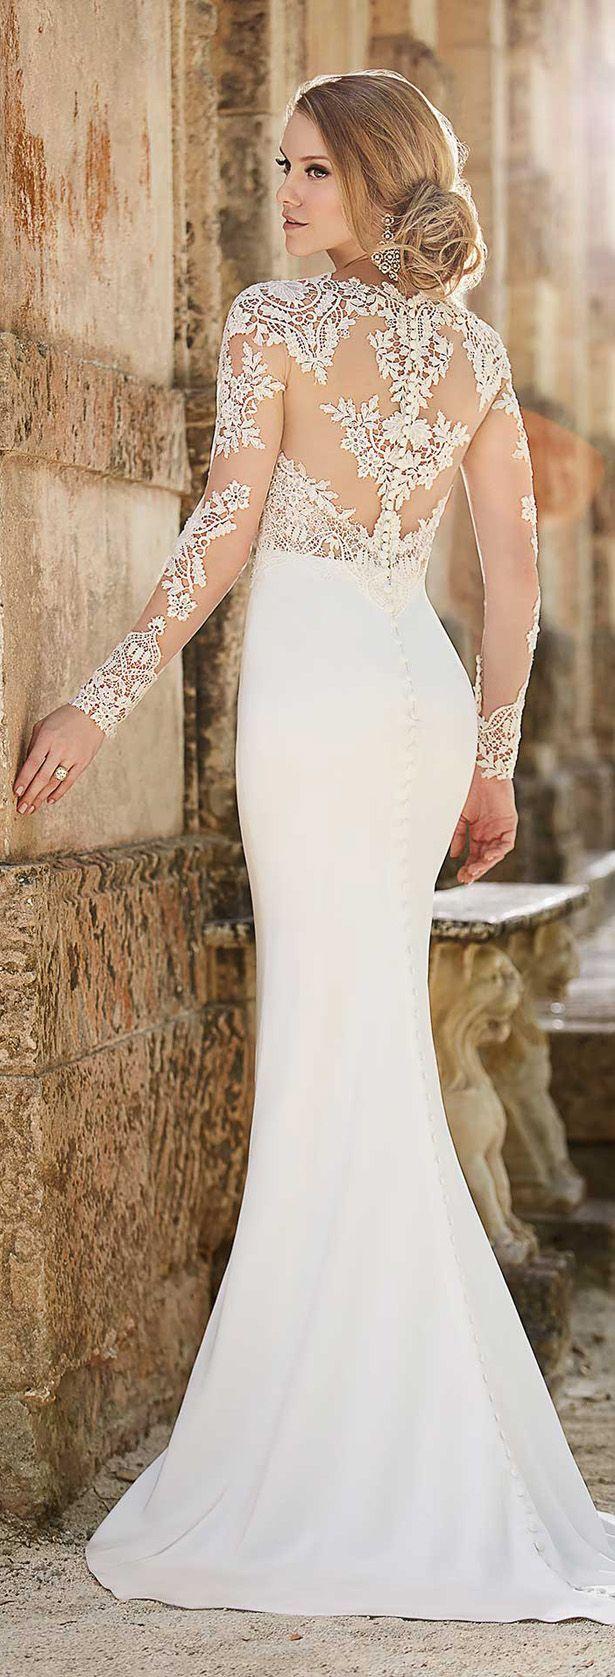 belle robe de mariage en photos 079 et plus encore sur www.robe2mariage.eu